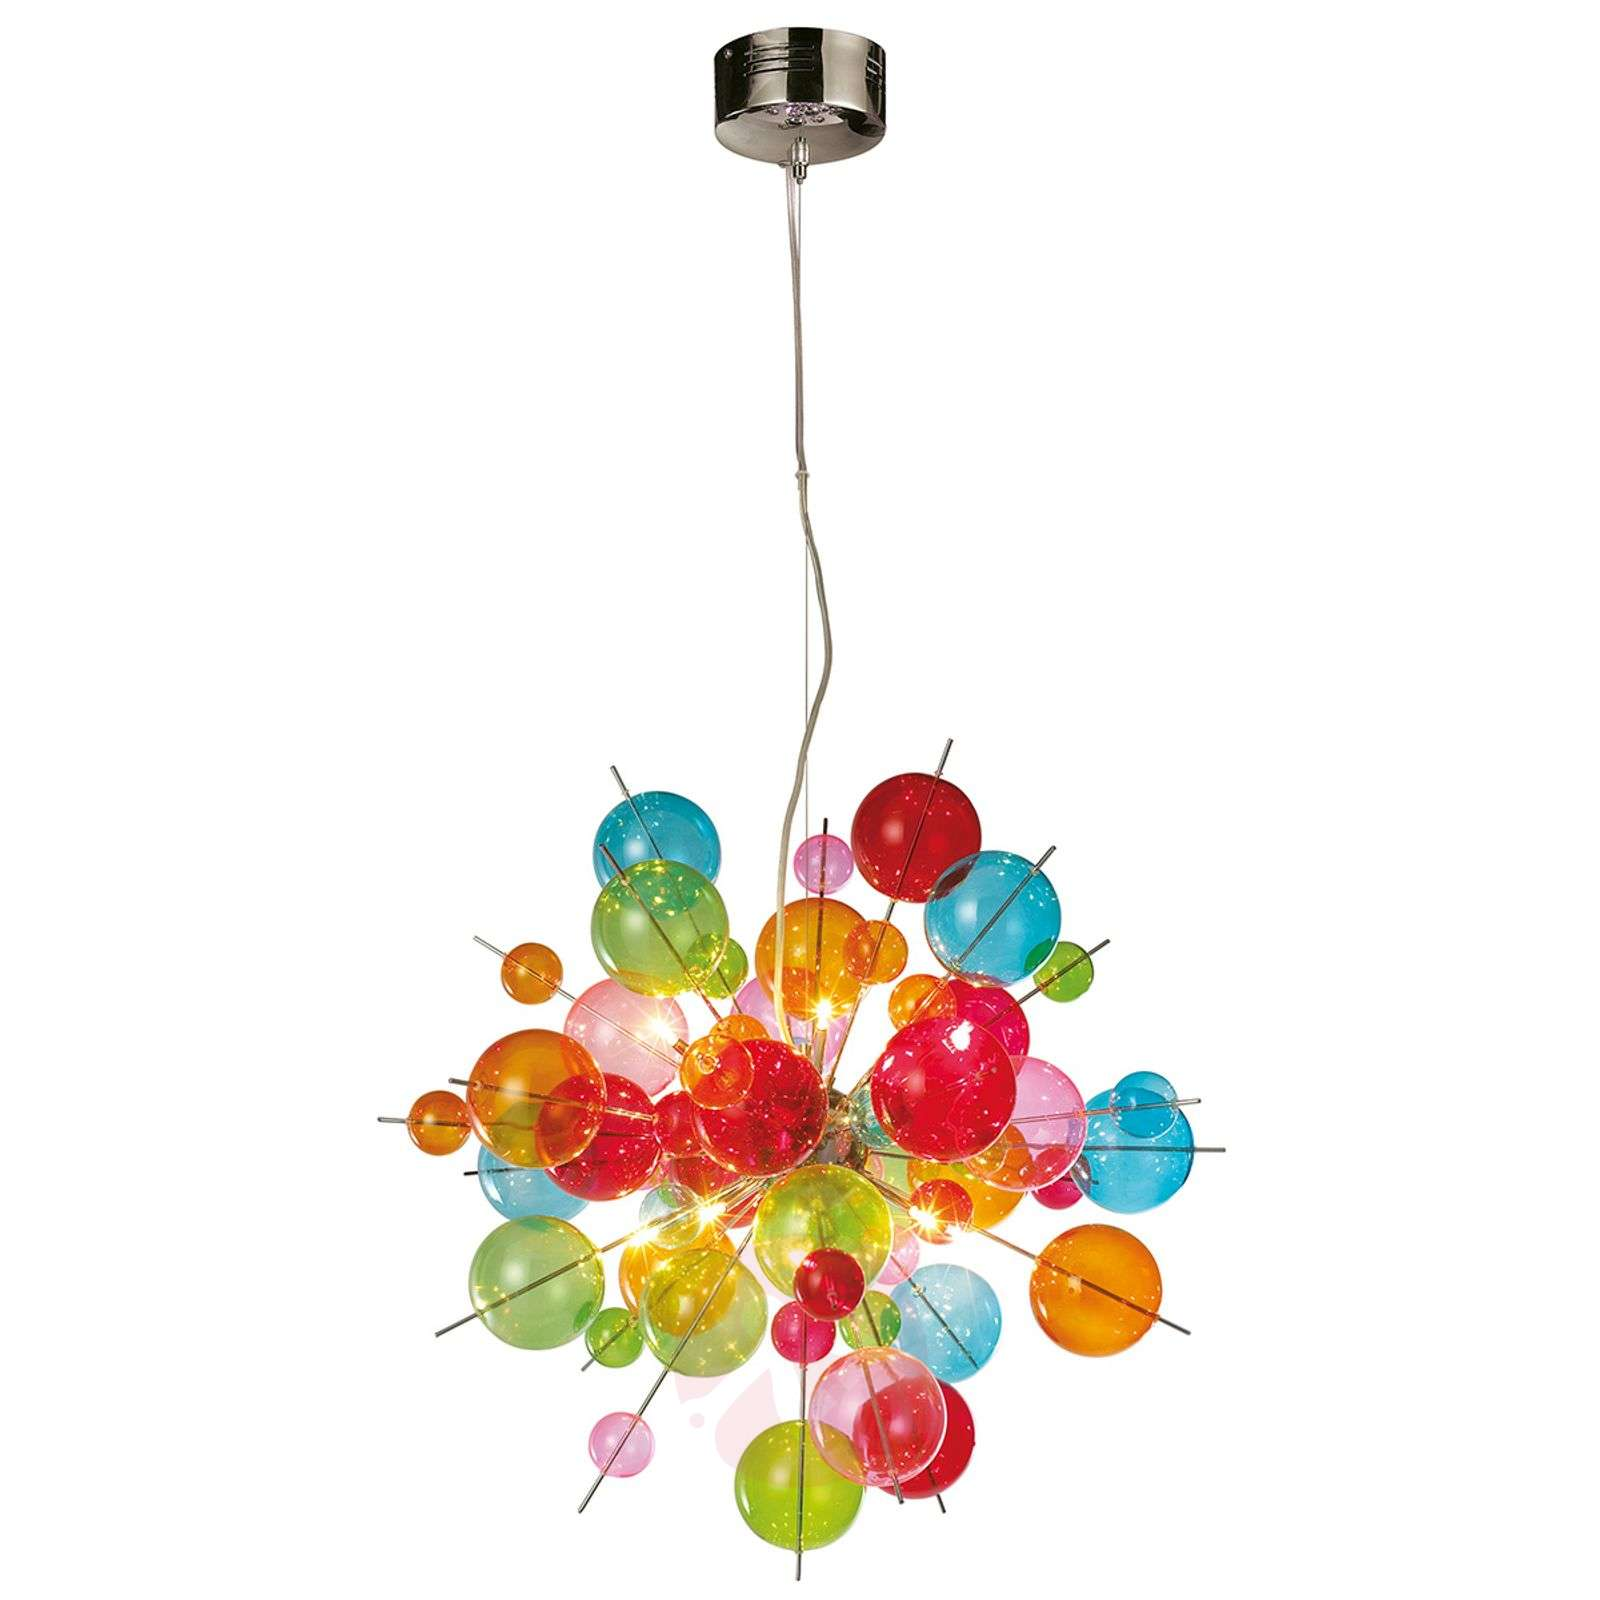 Colourful glass pendant light Aurinia-7000771-01